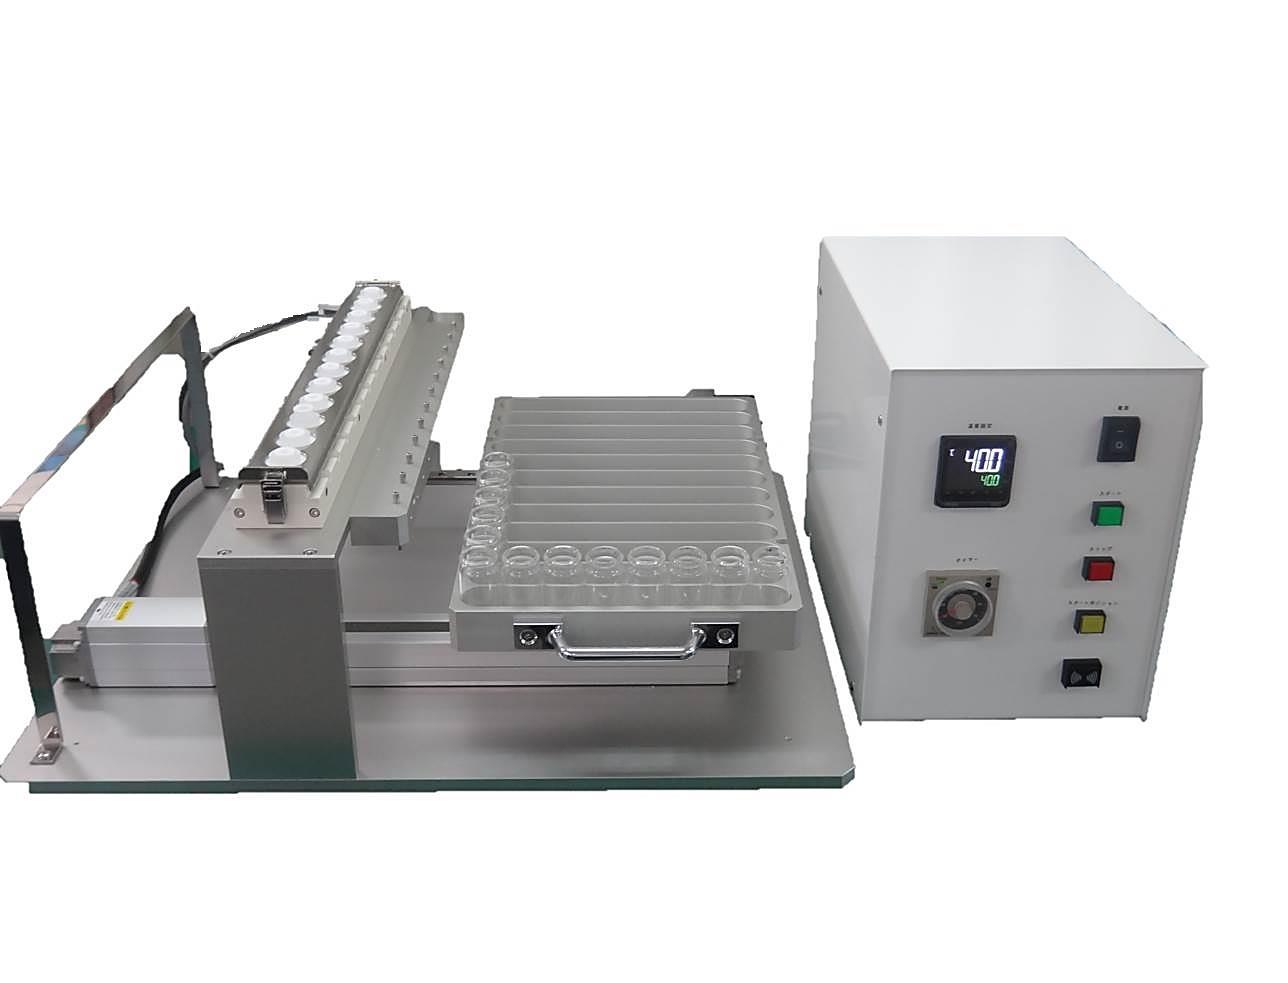 フローディフュージョンセルシステム フラクションコレクター   INT500